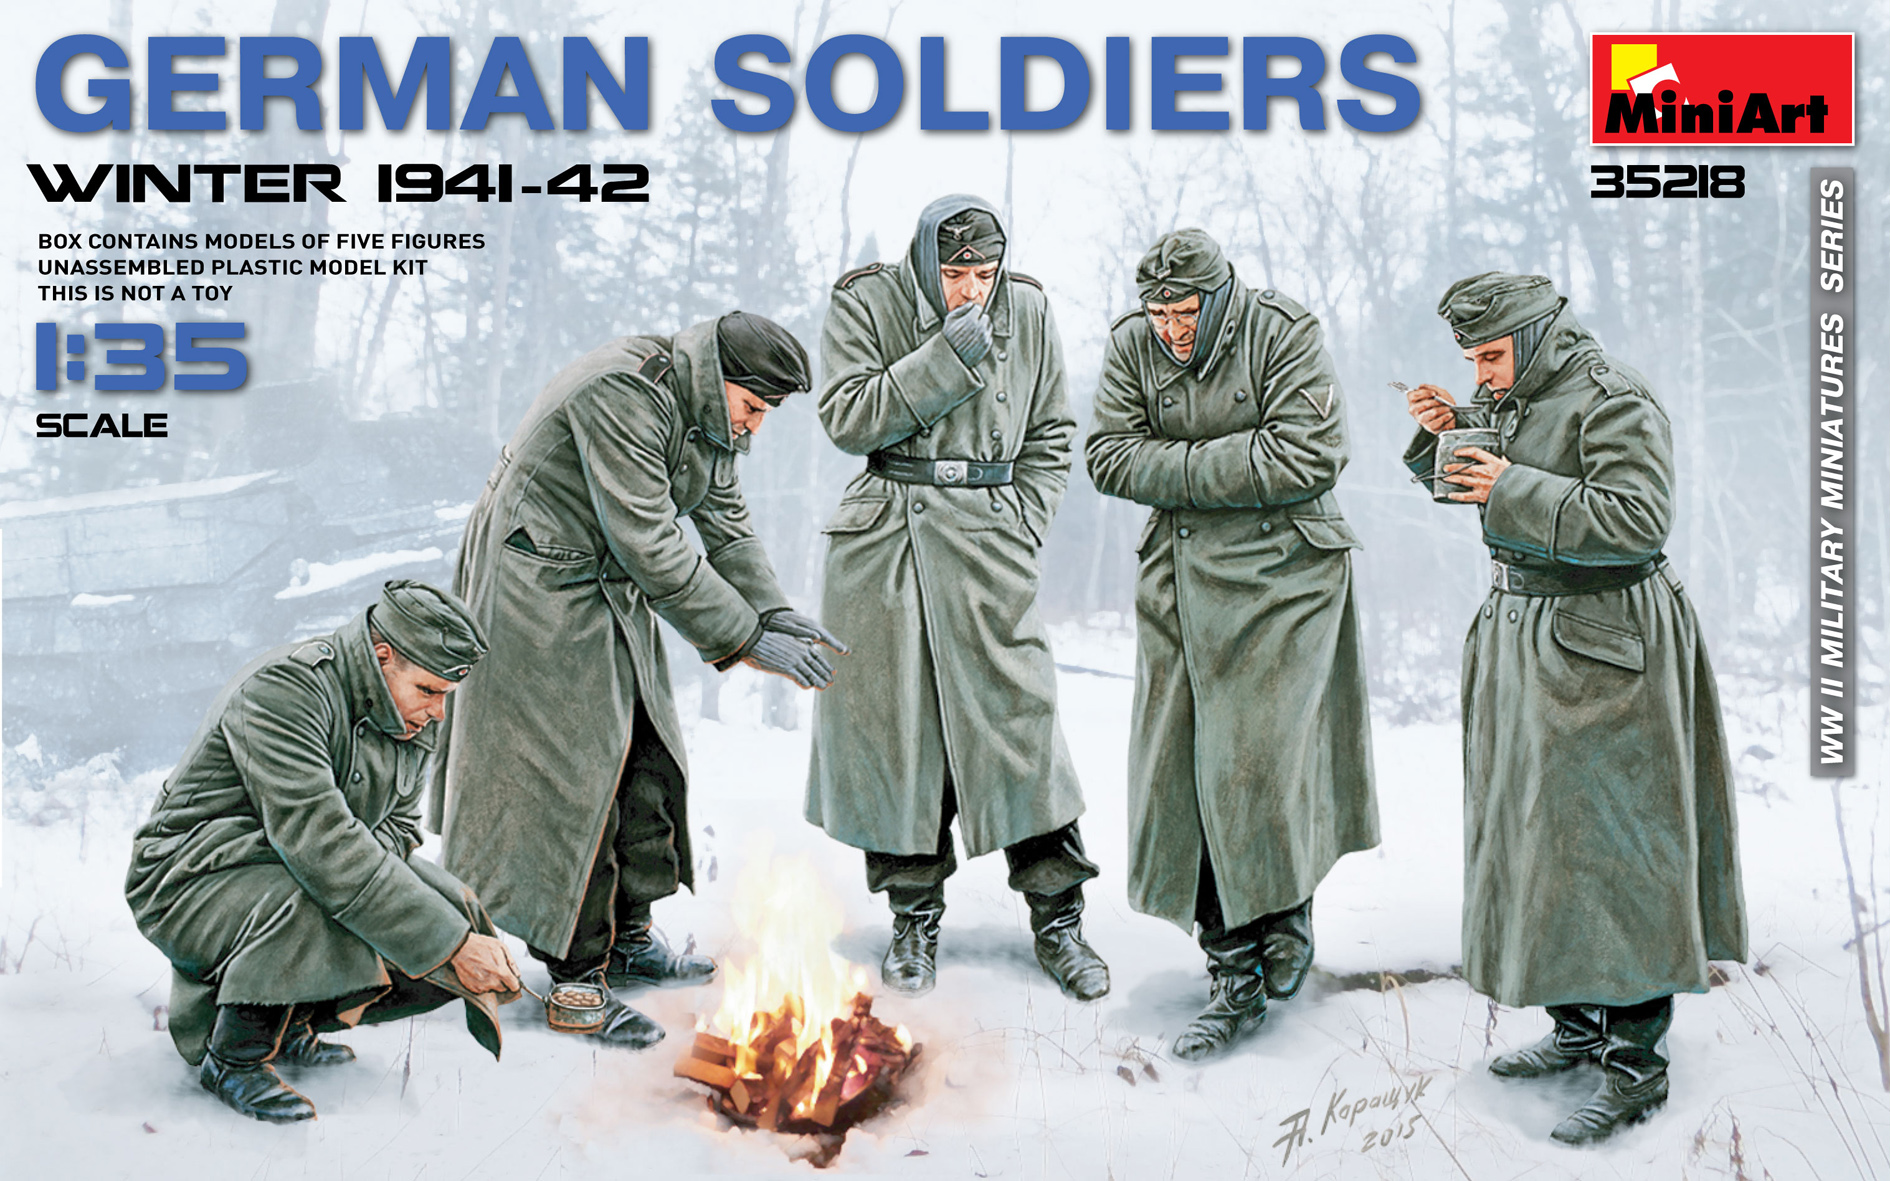 35218 GERMAN SOLDIERS (WINTER 1941-42)